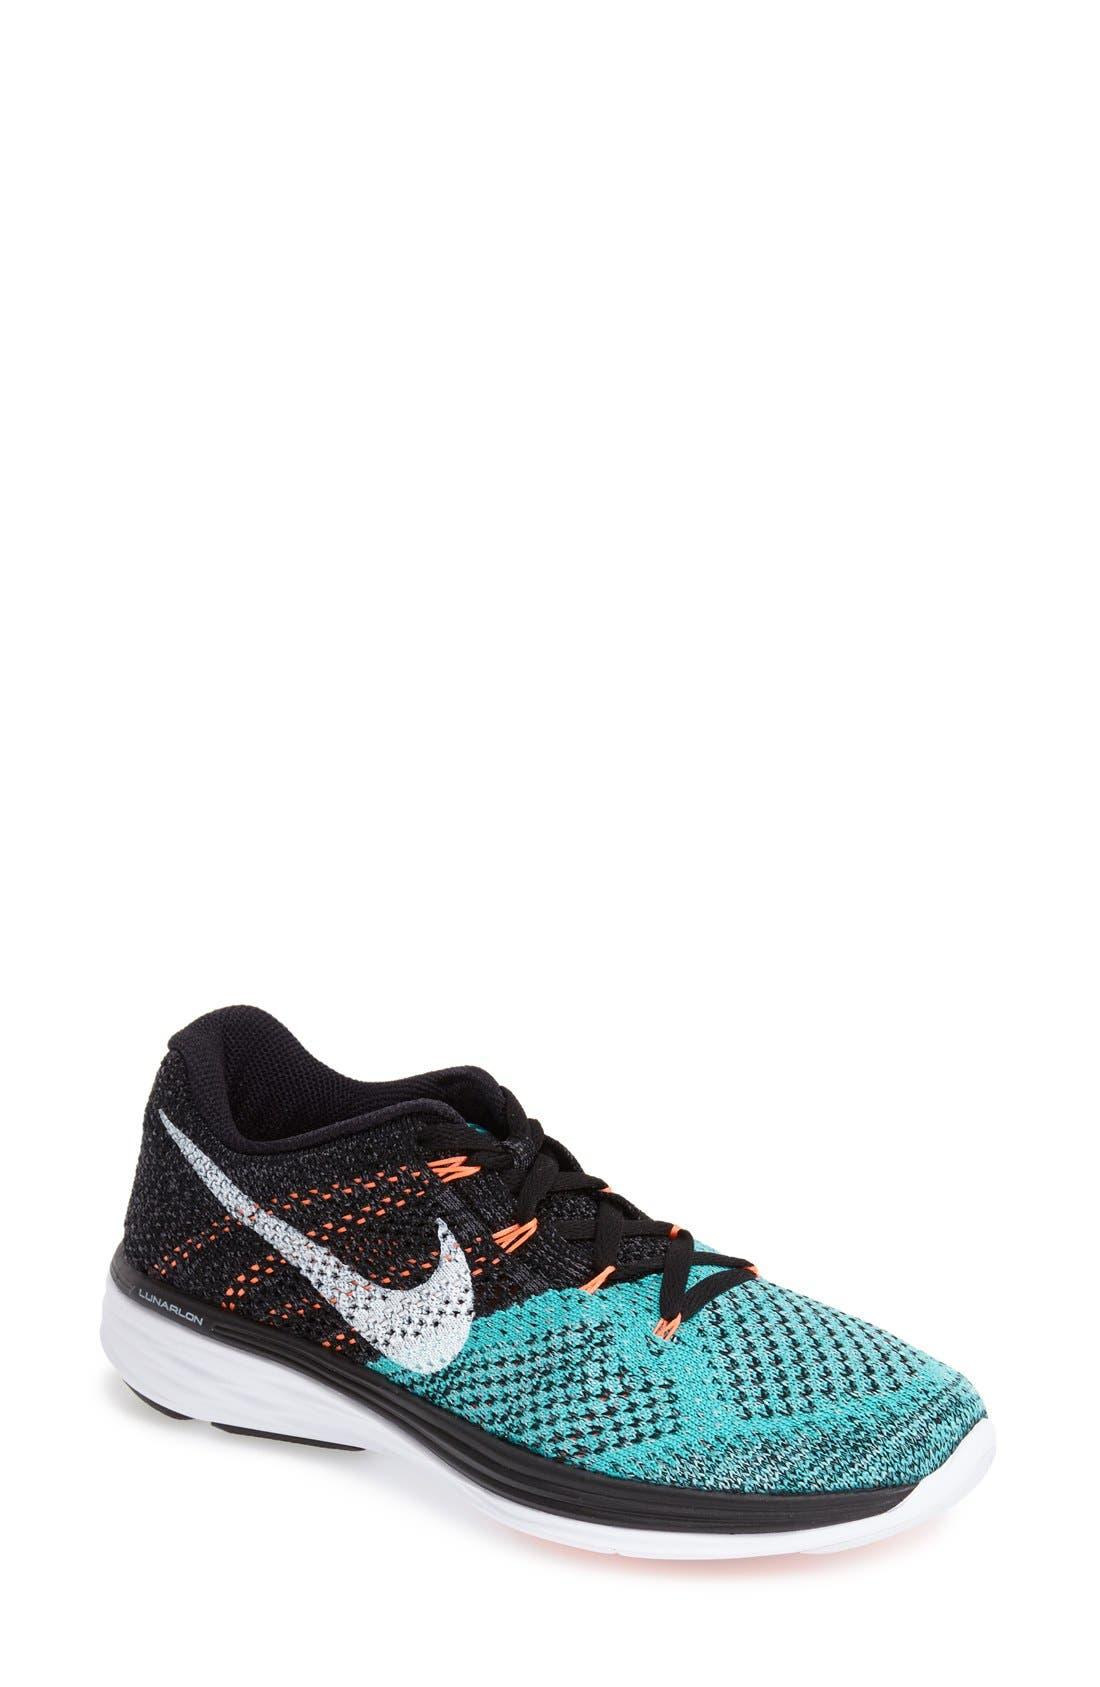 Main Image - Nike 'Flyknit Lunar 3' Running Shoe (Women)